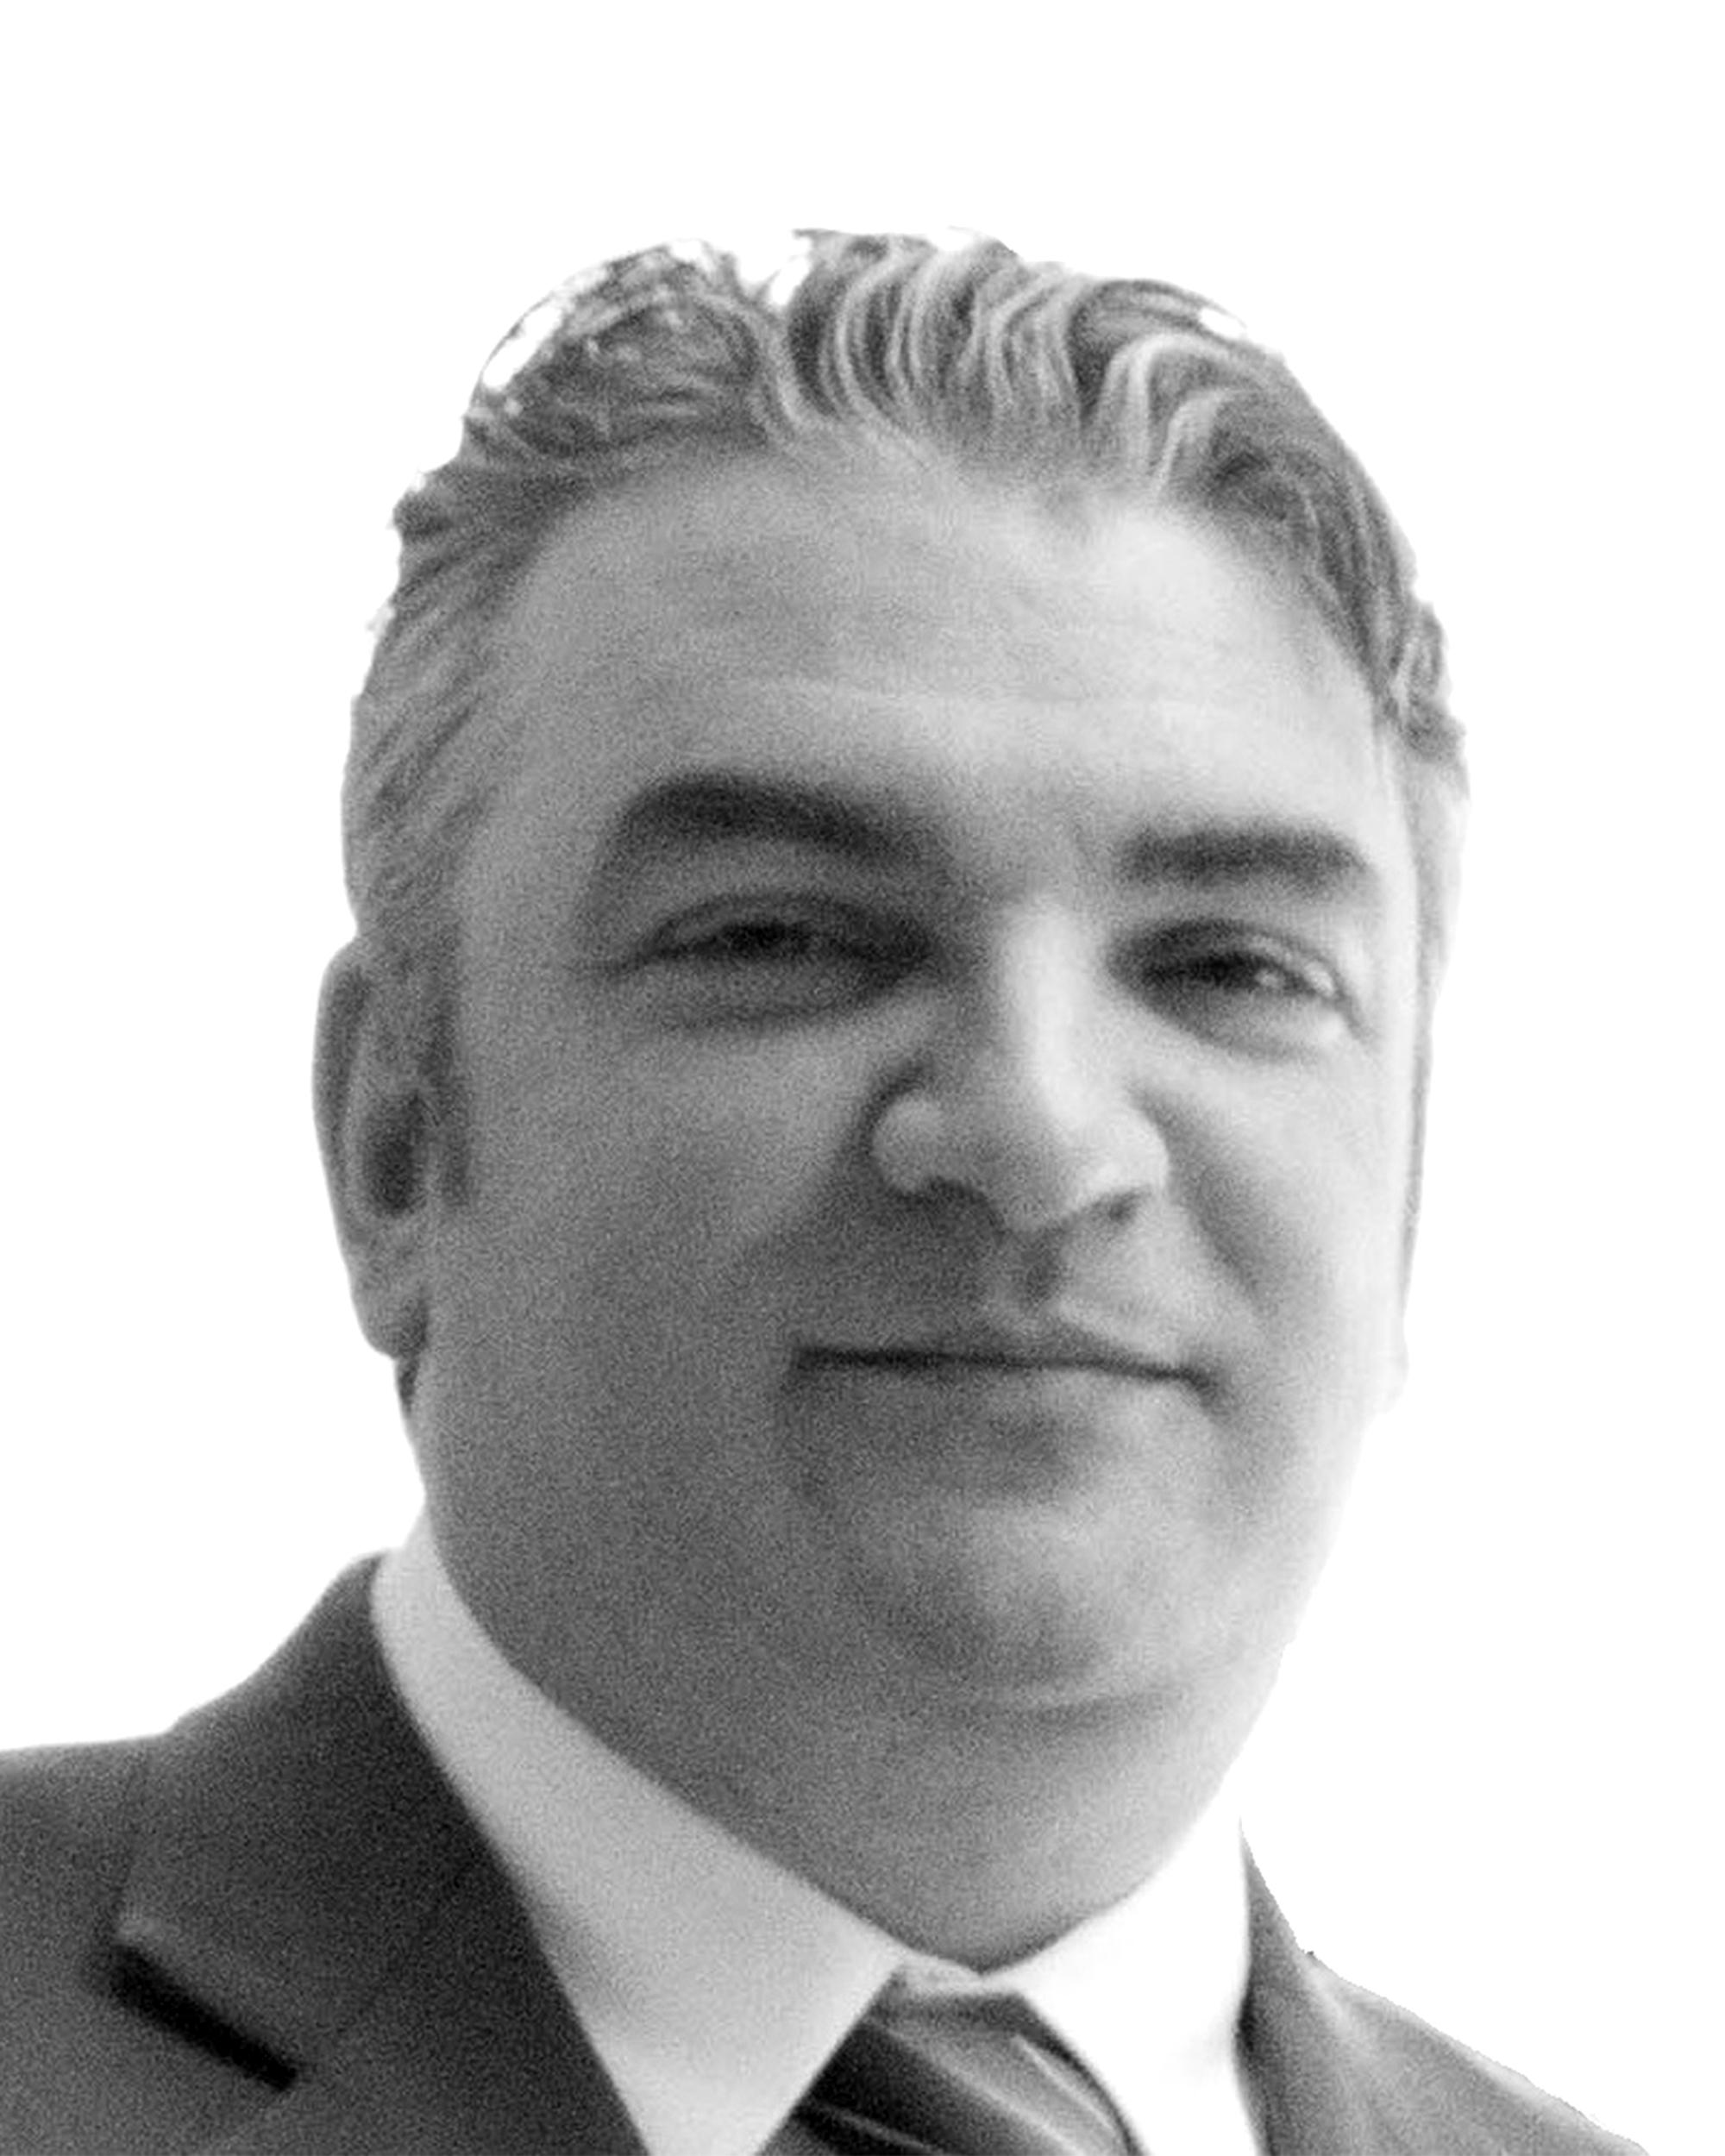 Headshot of Onofrio Aniello